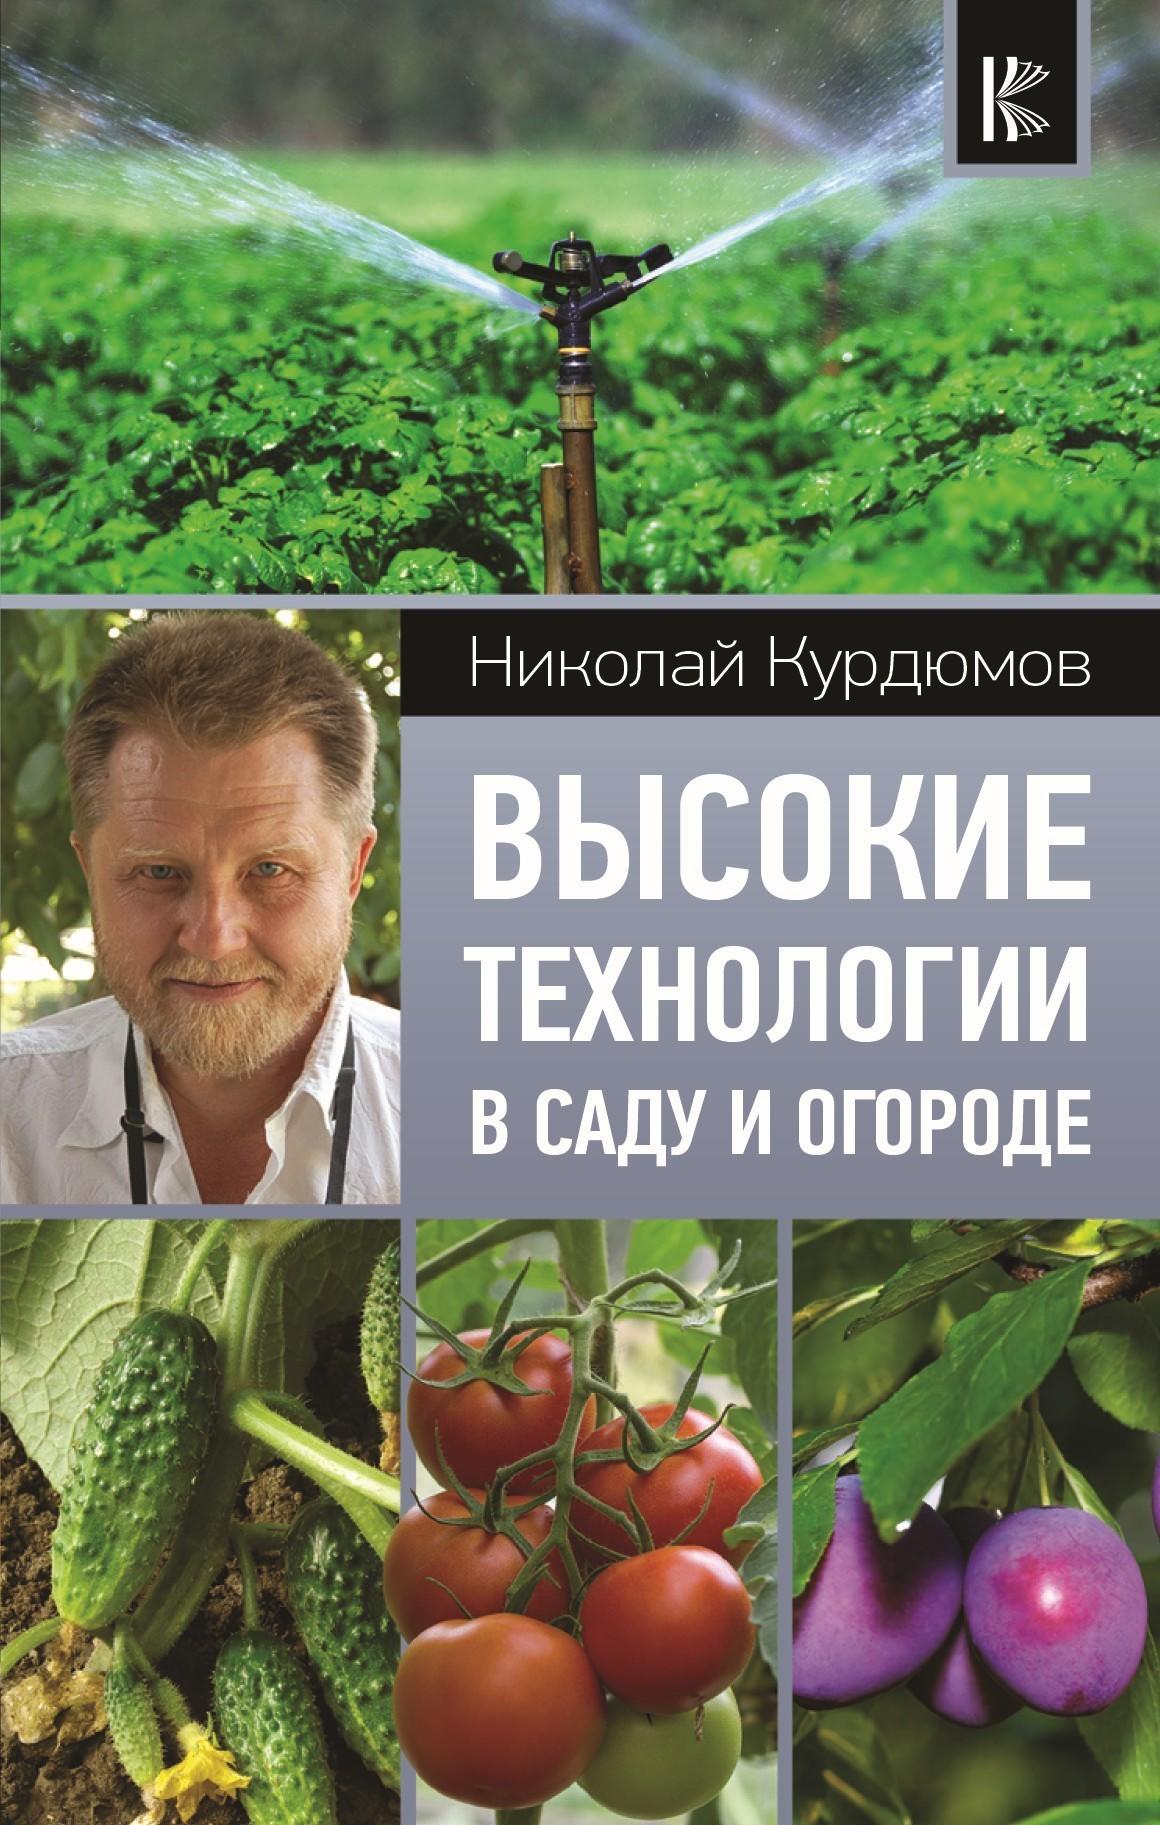 Николай Курдюмов. Высокие технологии в саду и огороде